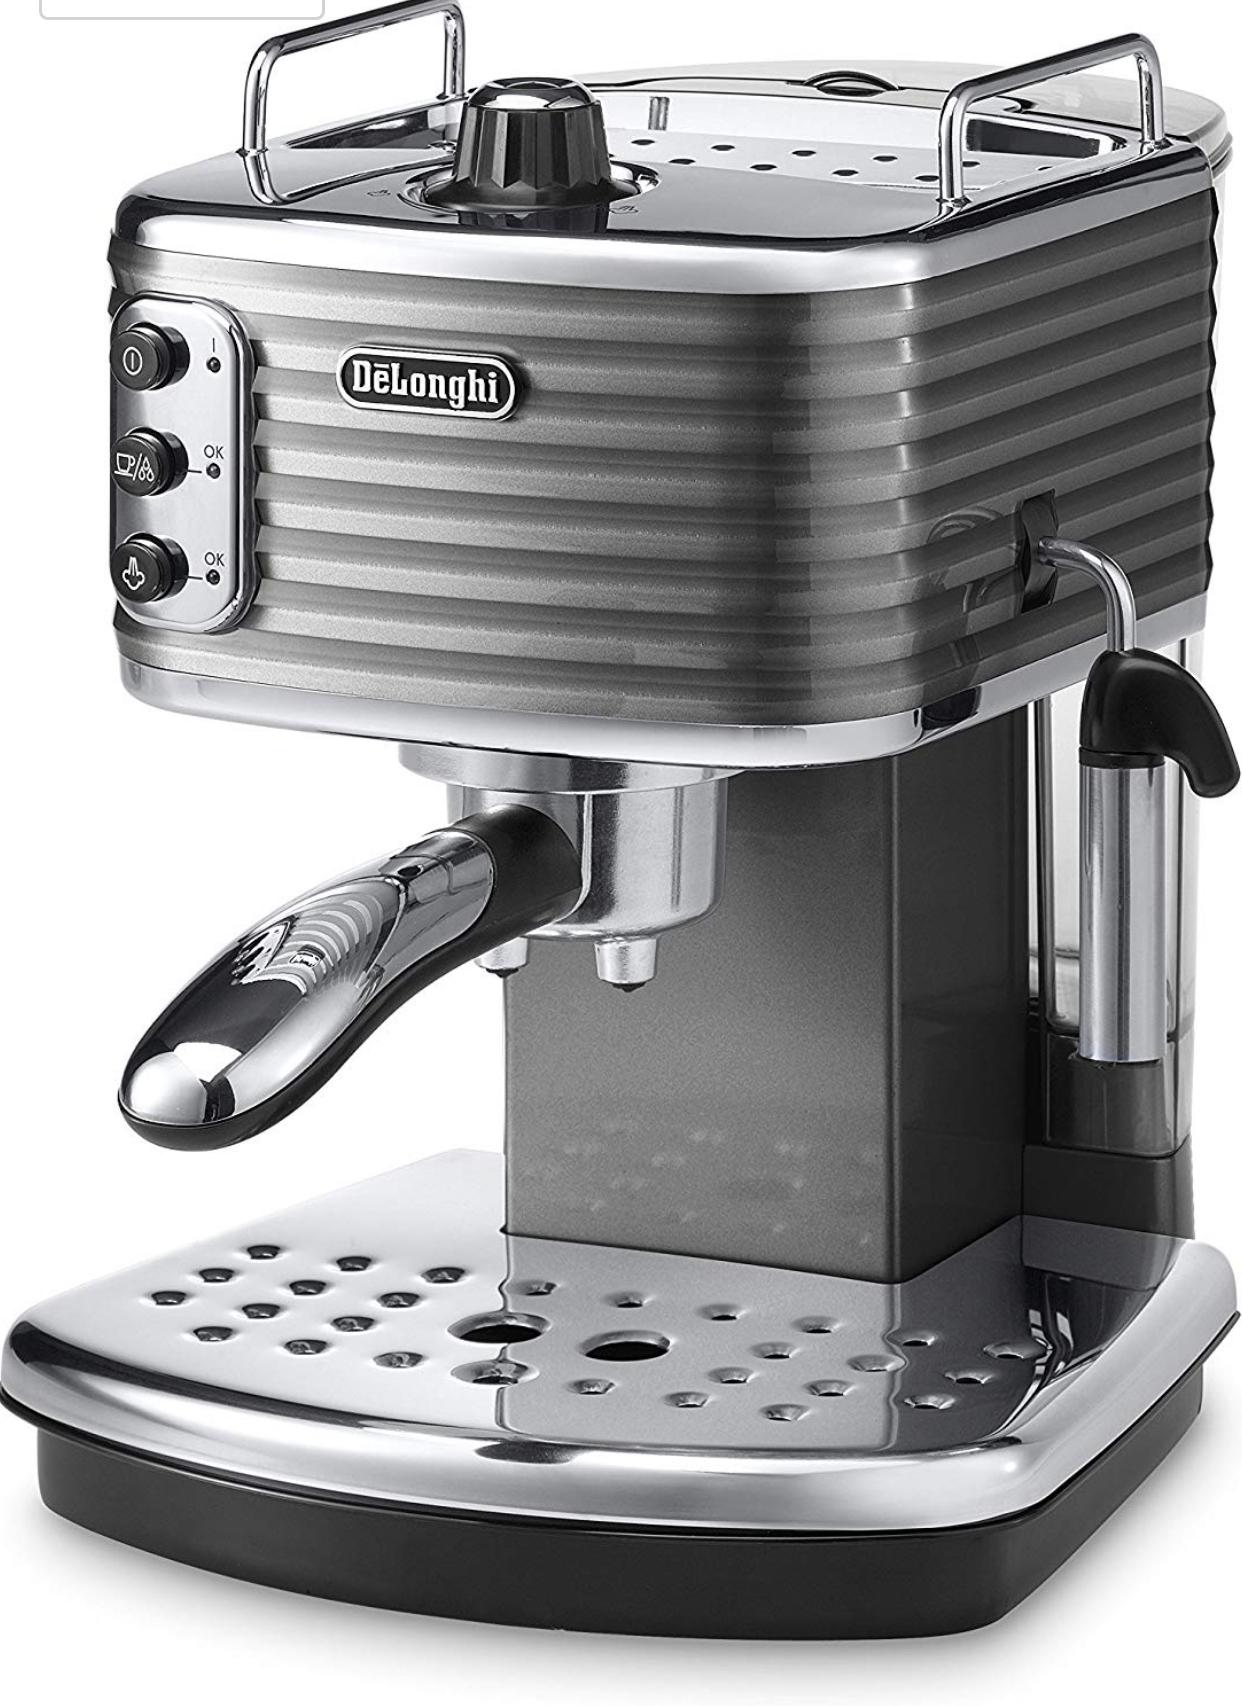 DeLonghi Scultura ECZ 351.GY espressoapparaat (1100W)